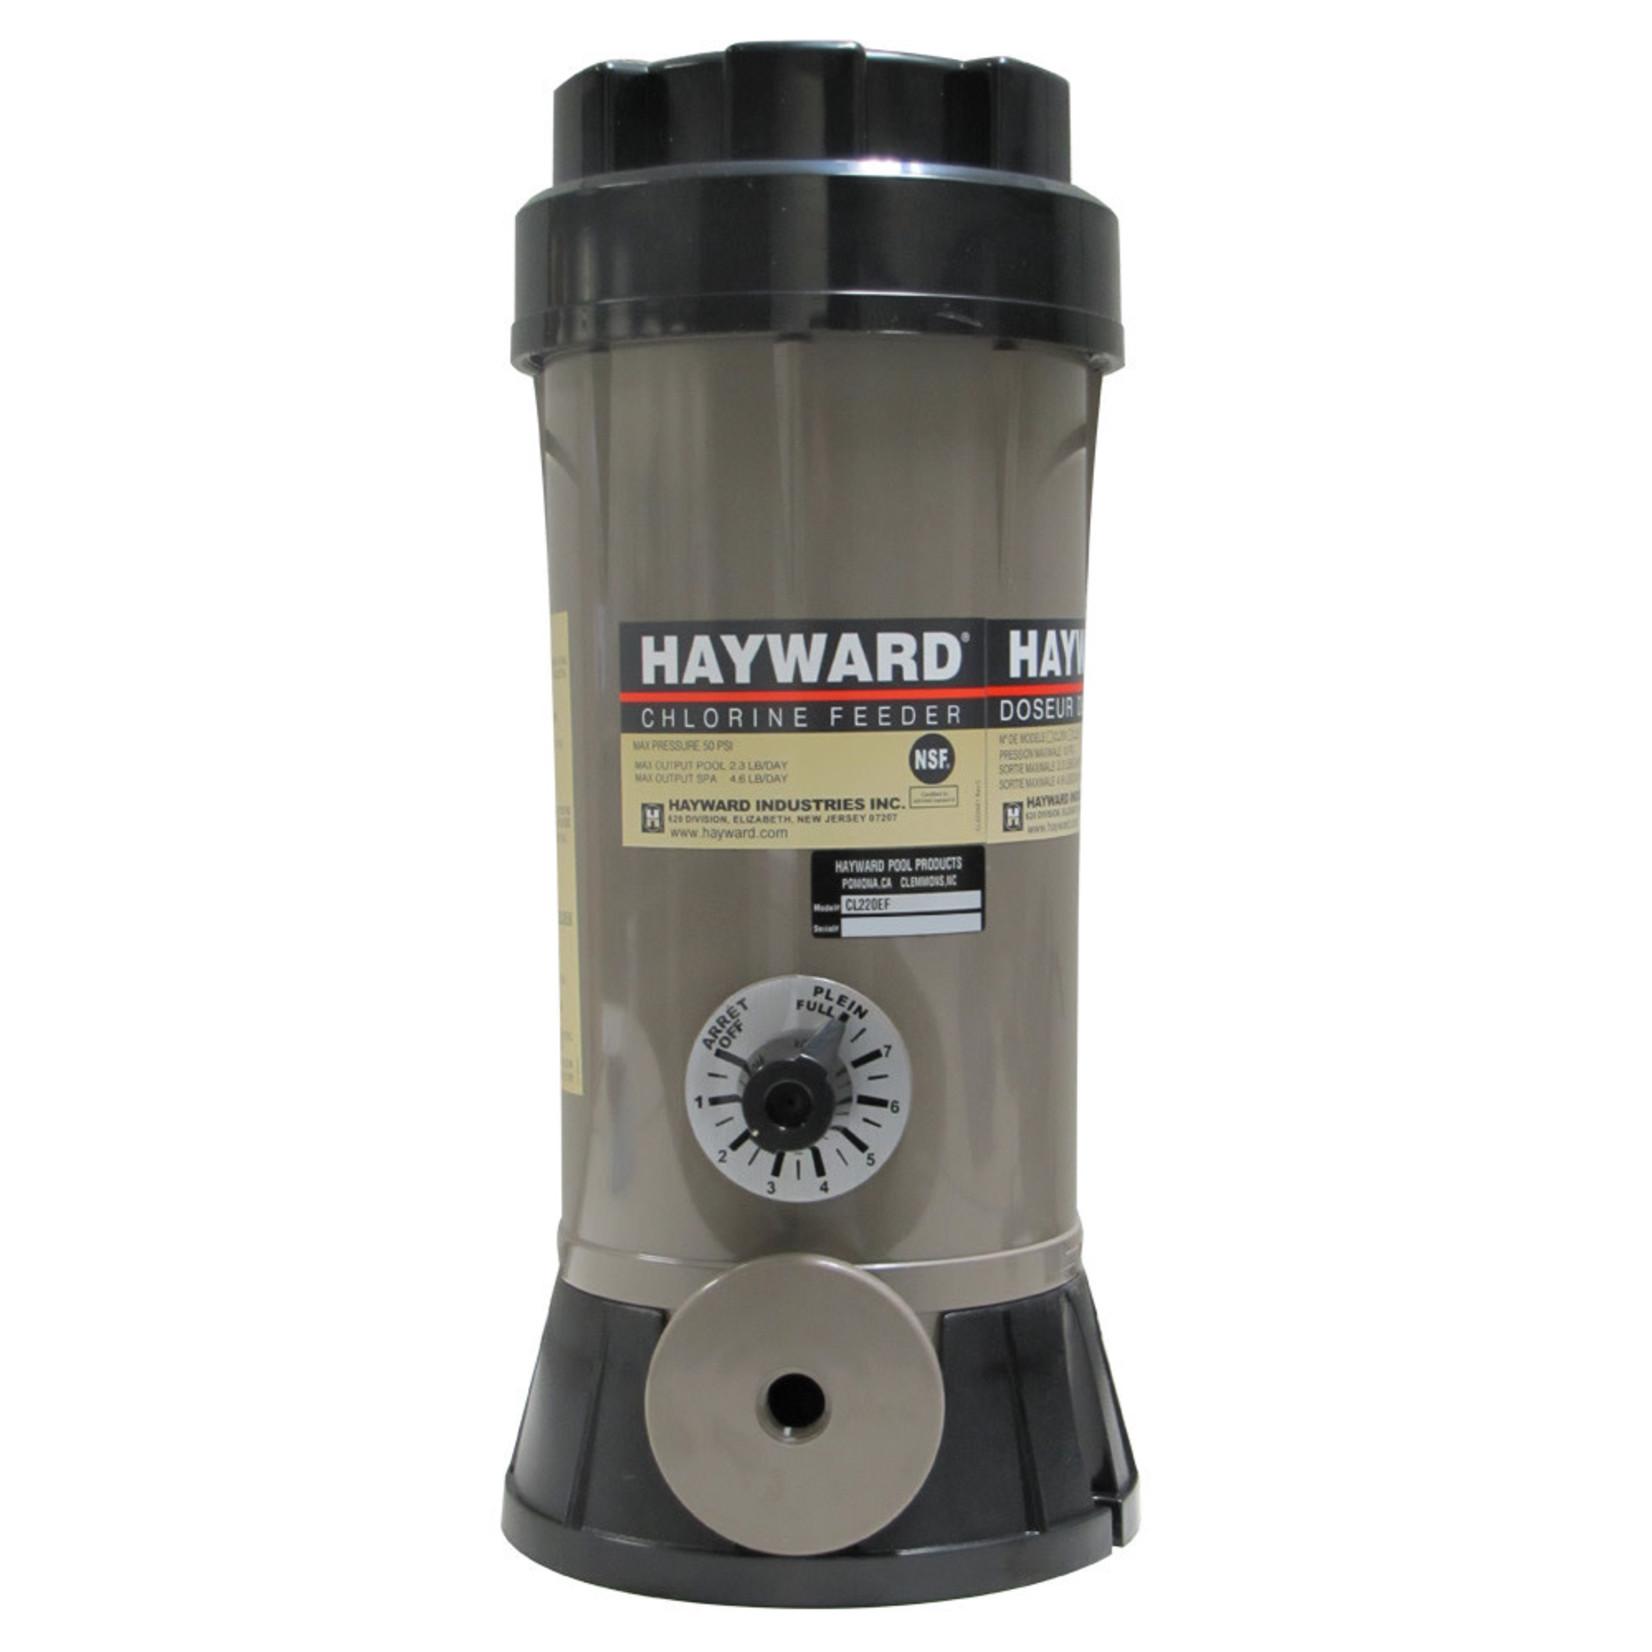 Hayward HAYWARD CHLORINATOR OFFLINE 9LB